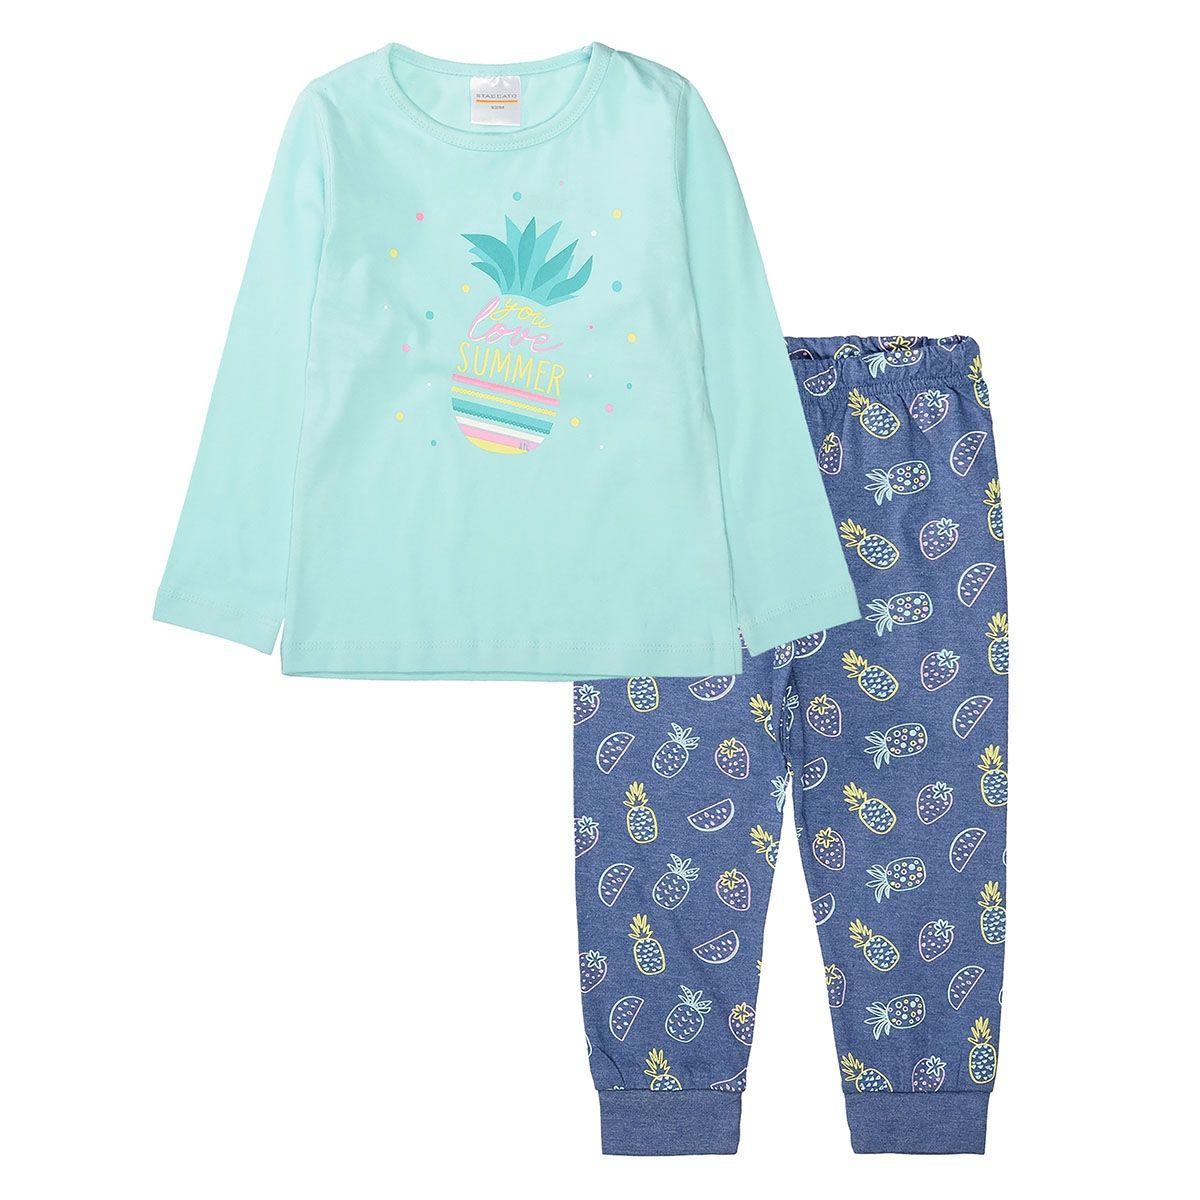 Pyjama mit Ananas-Prints - Mint Indigo BLue